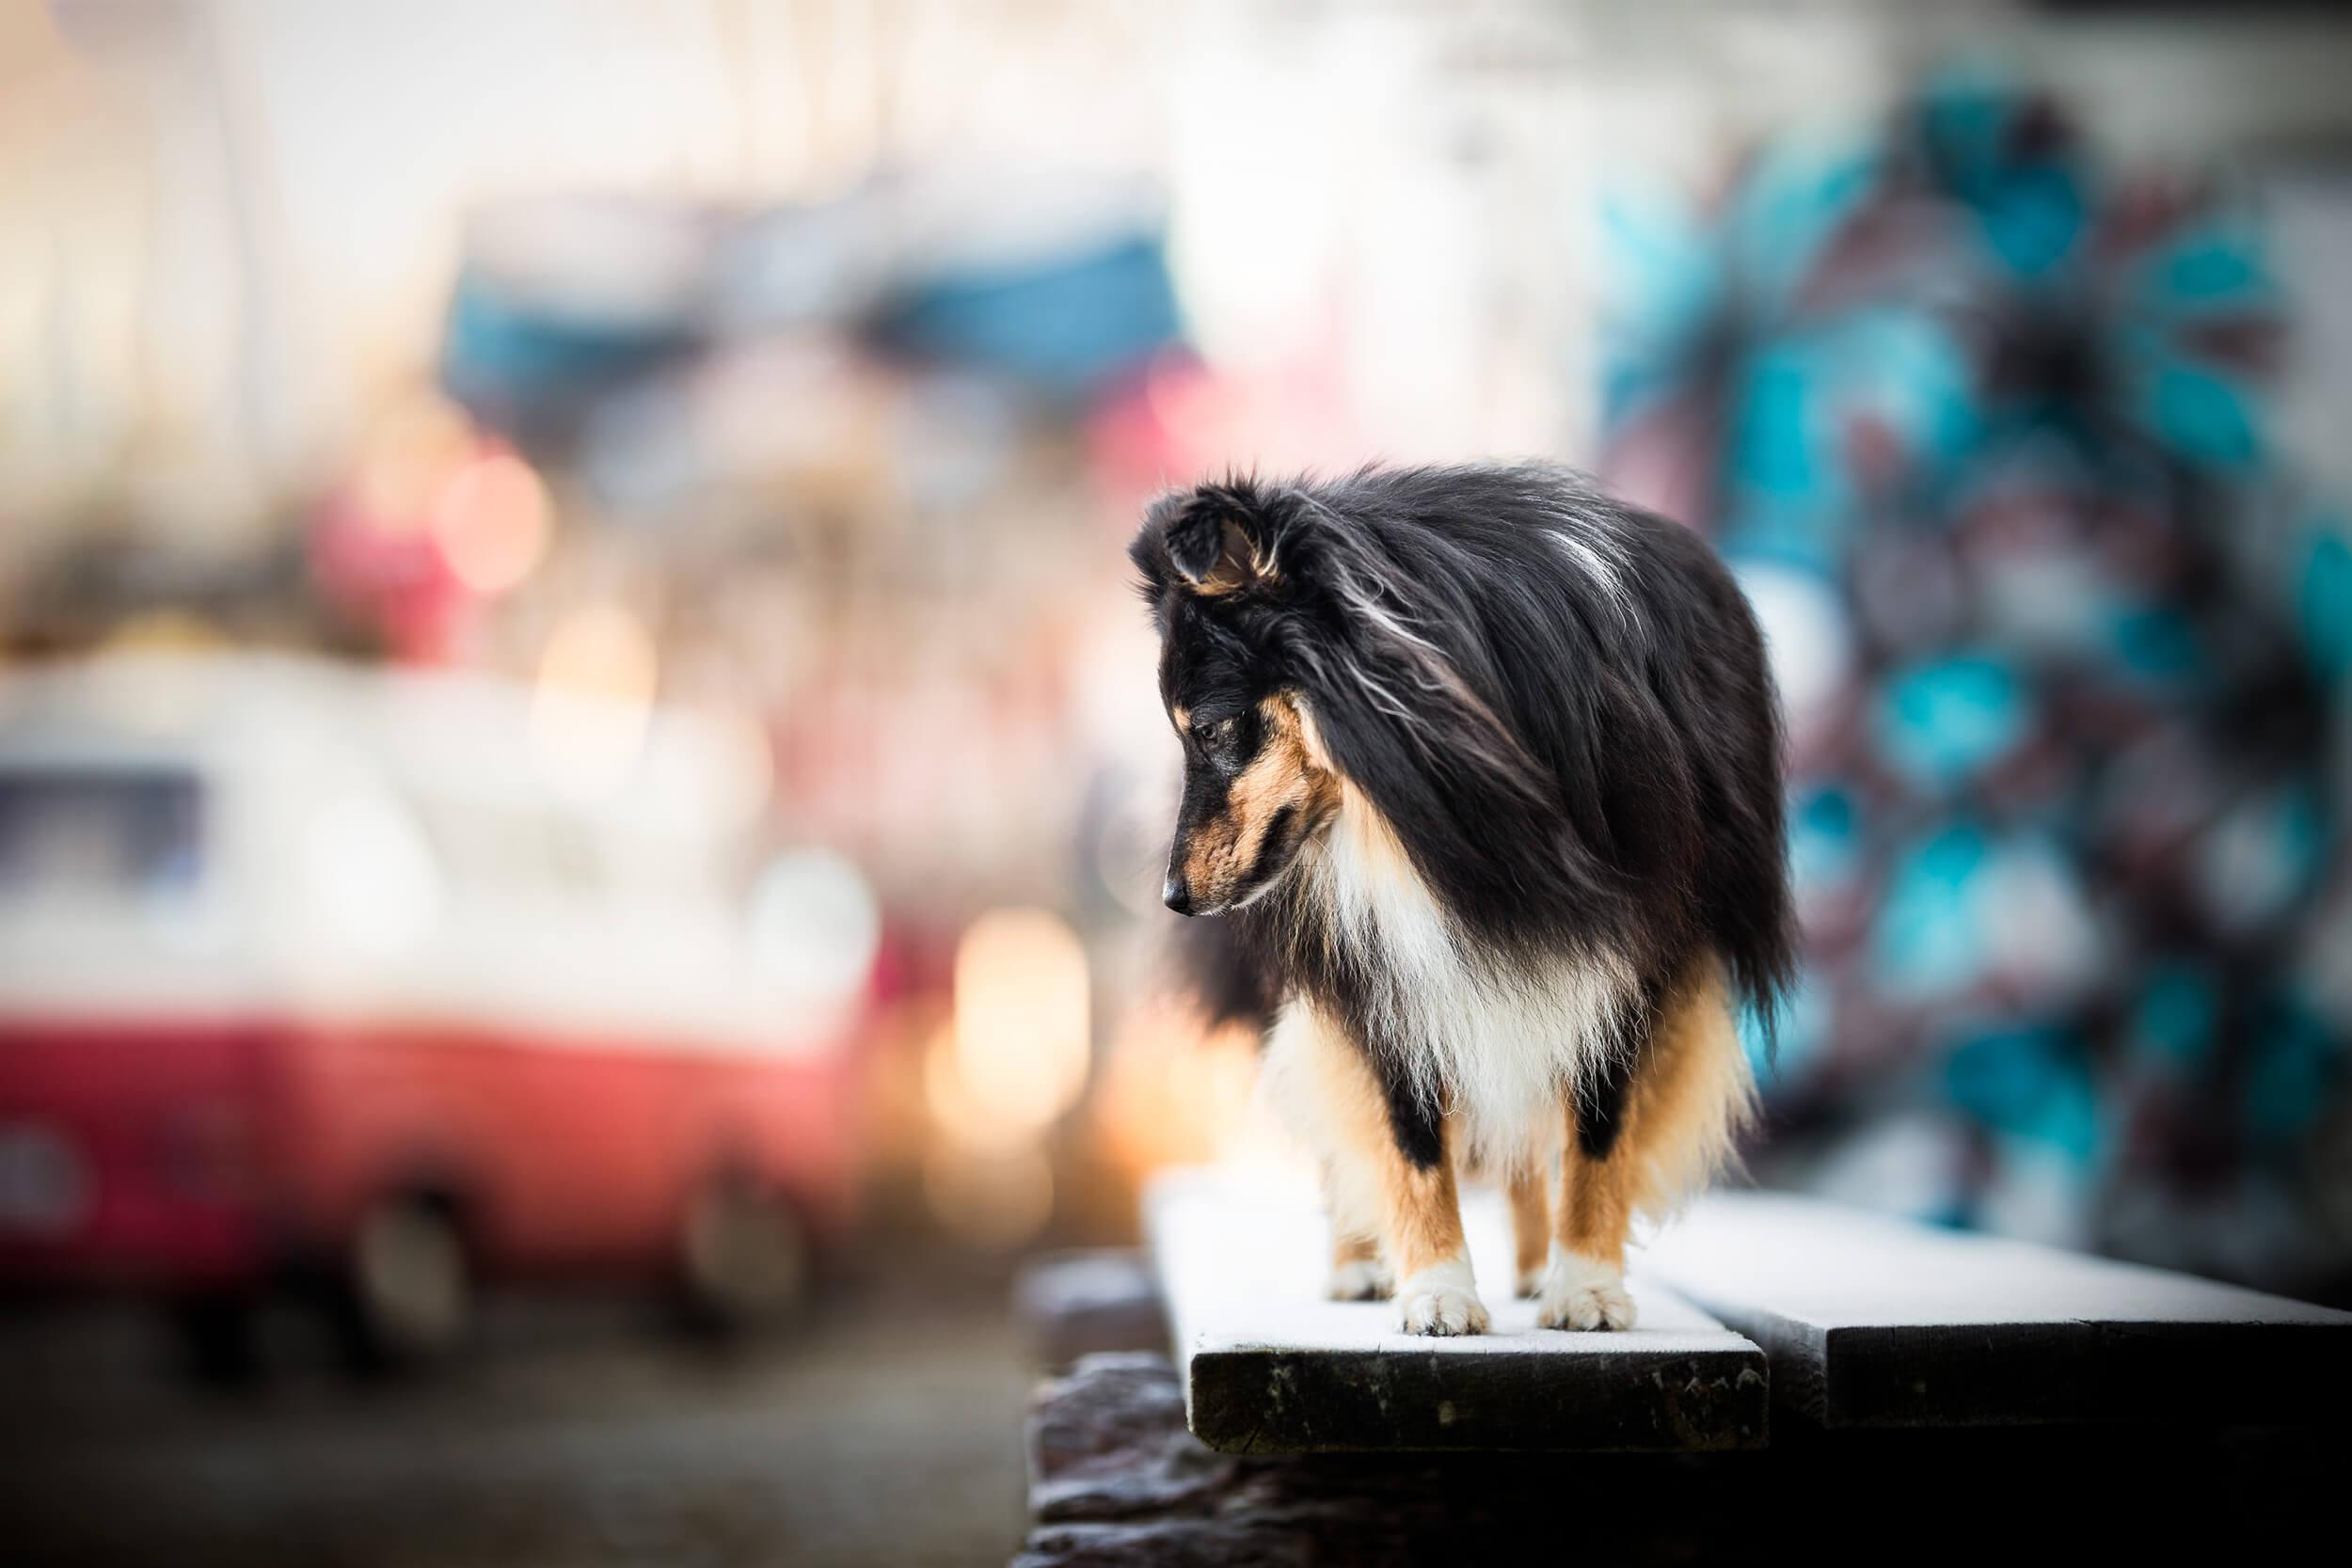 Sheltie am Hafen von Basel Hundefotografie Schweiz Photo-Passion Denise Czichocki